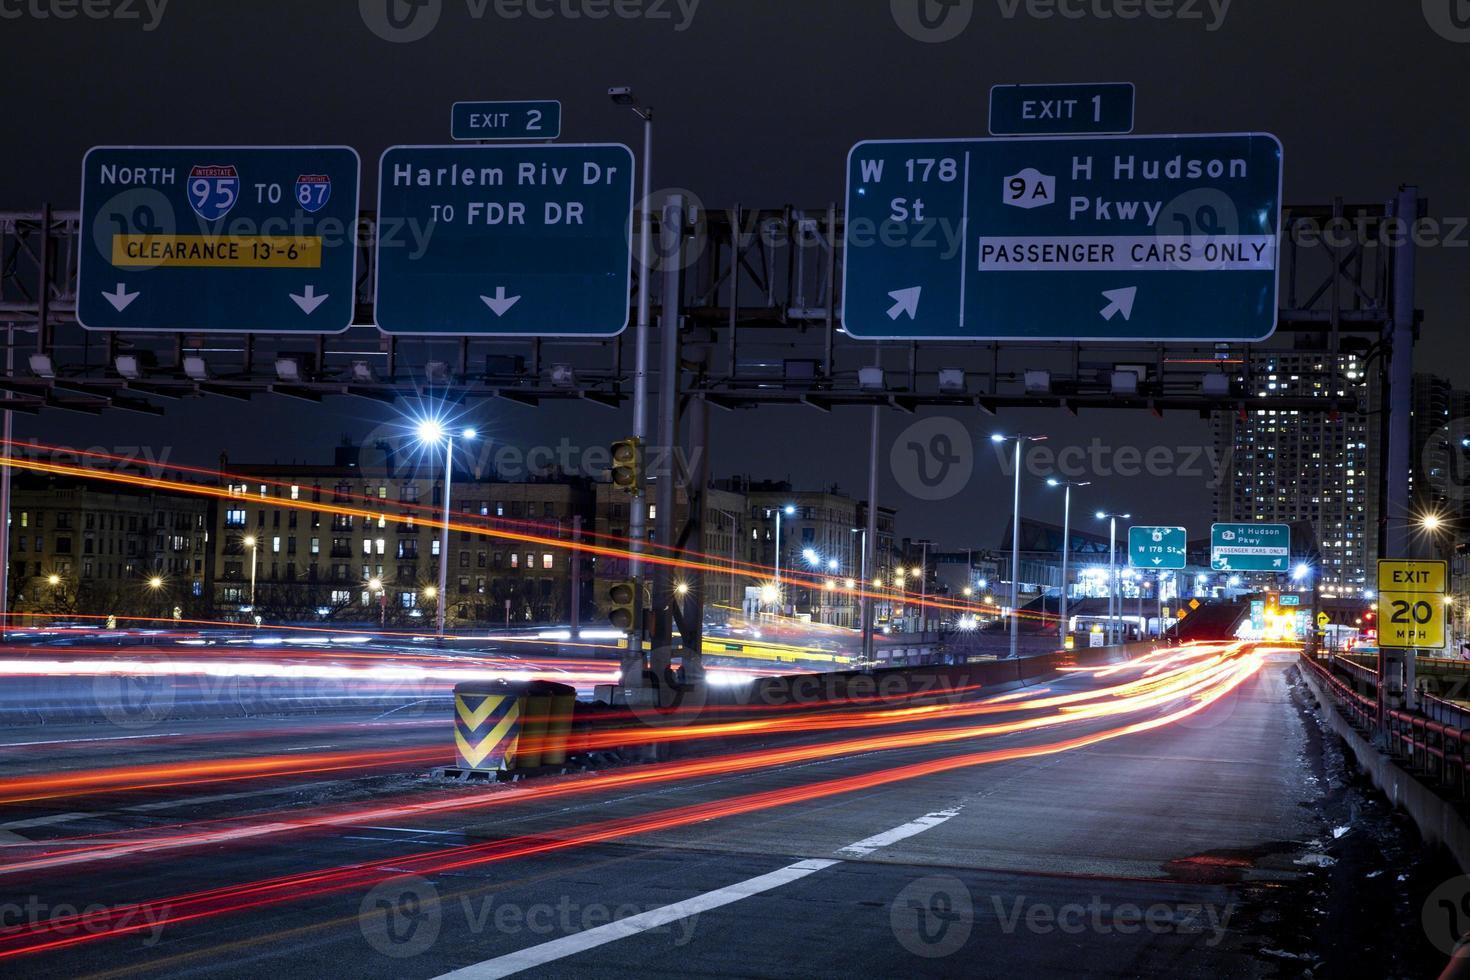 senderos de semáforo en el puente de george washington foto